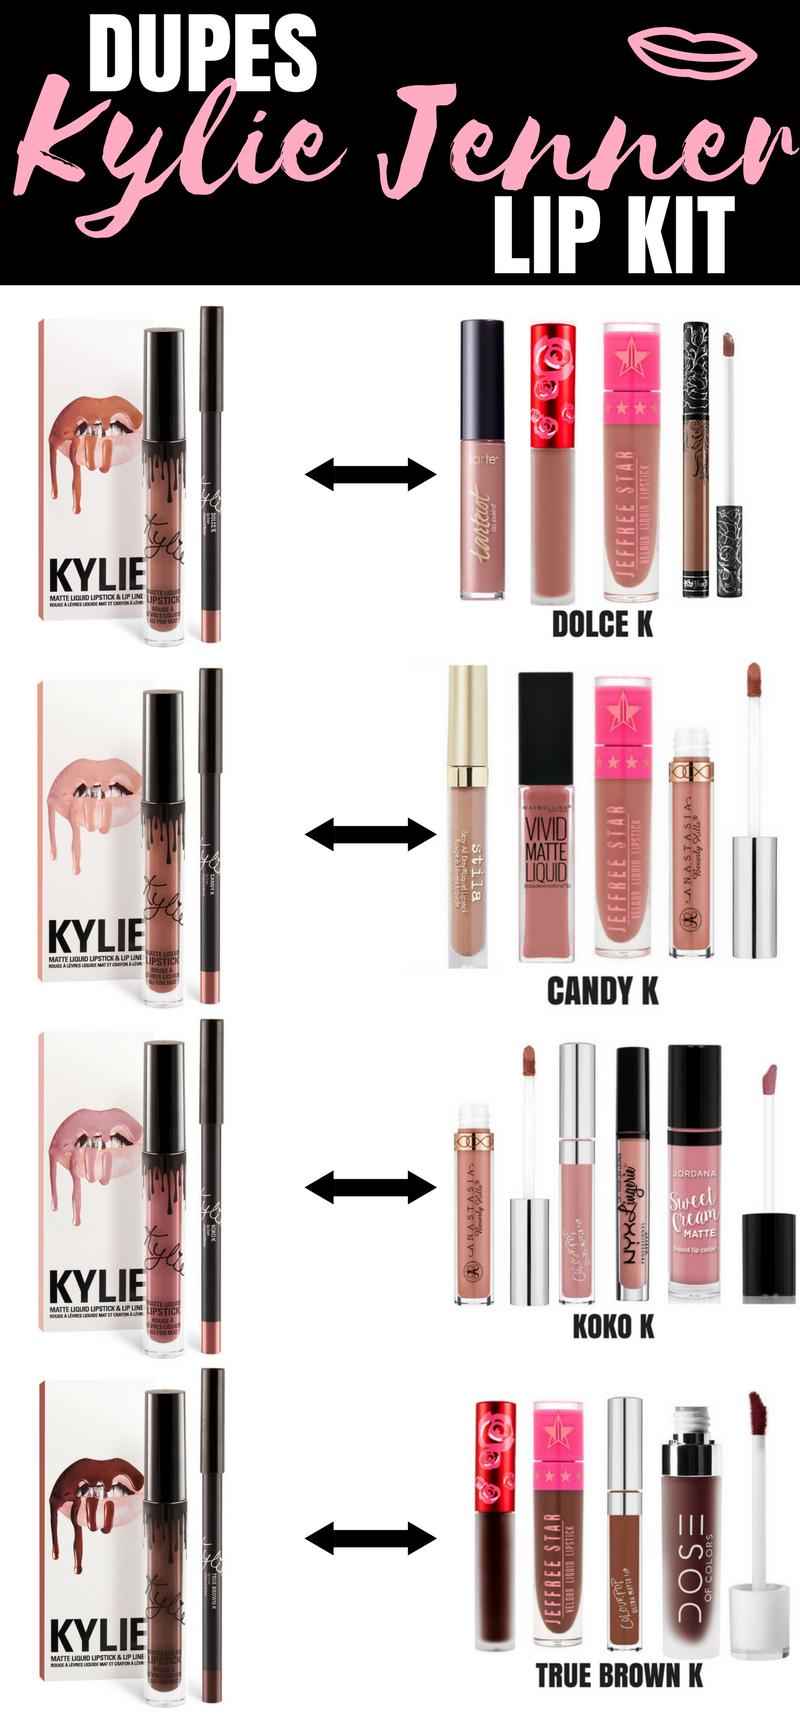 Kylie Jenner Lip Kit Dupes by Alejandra Avila